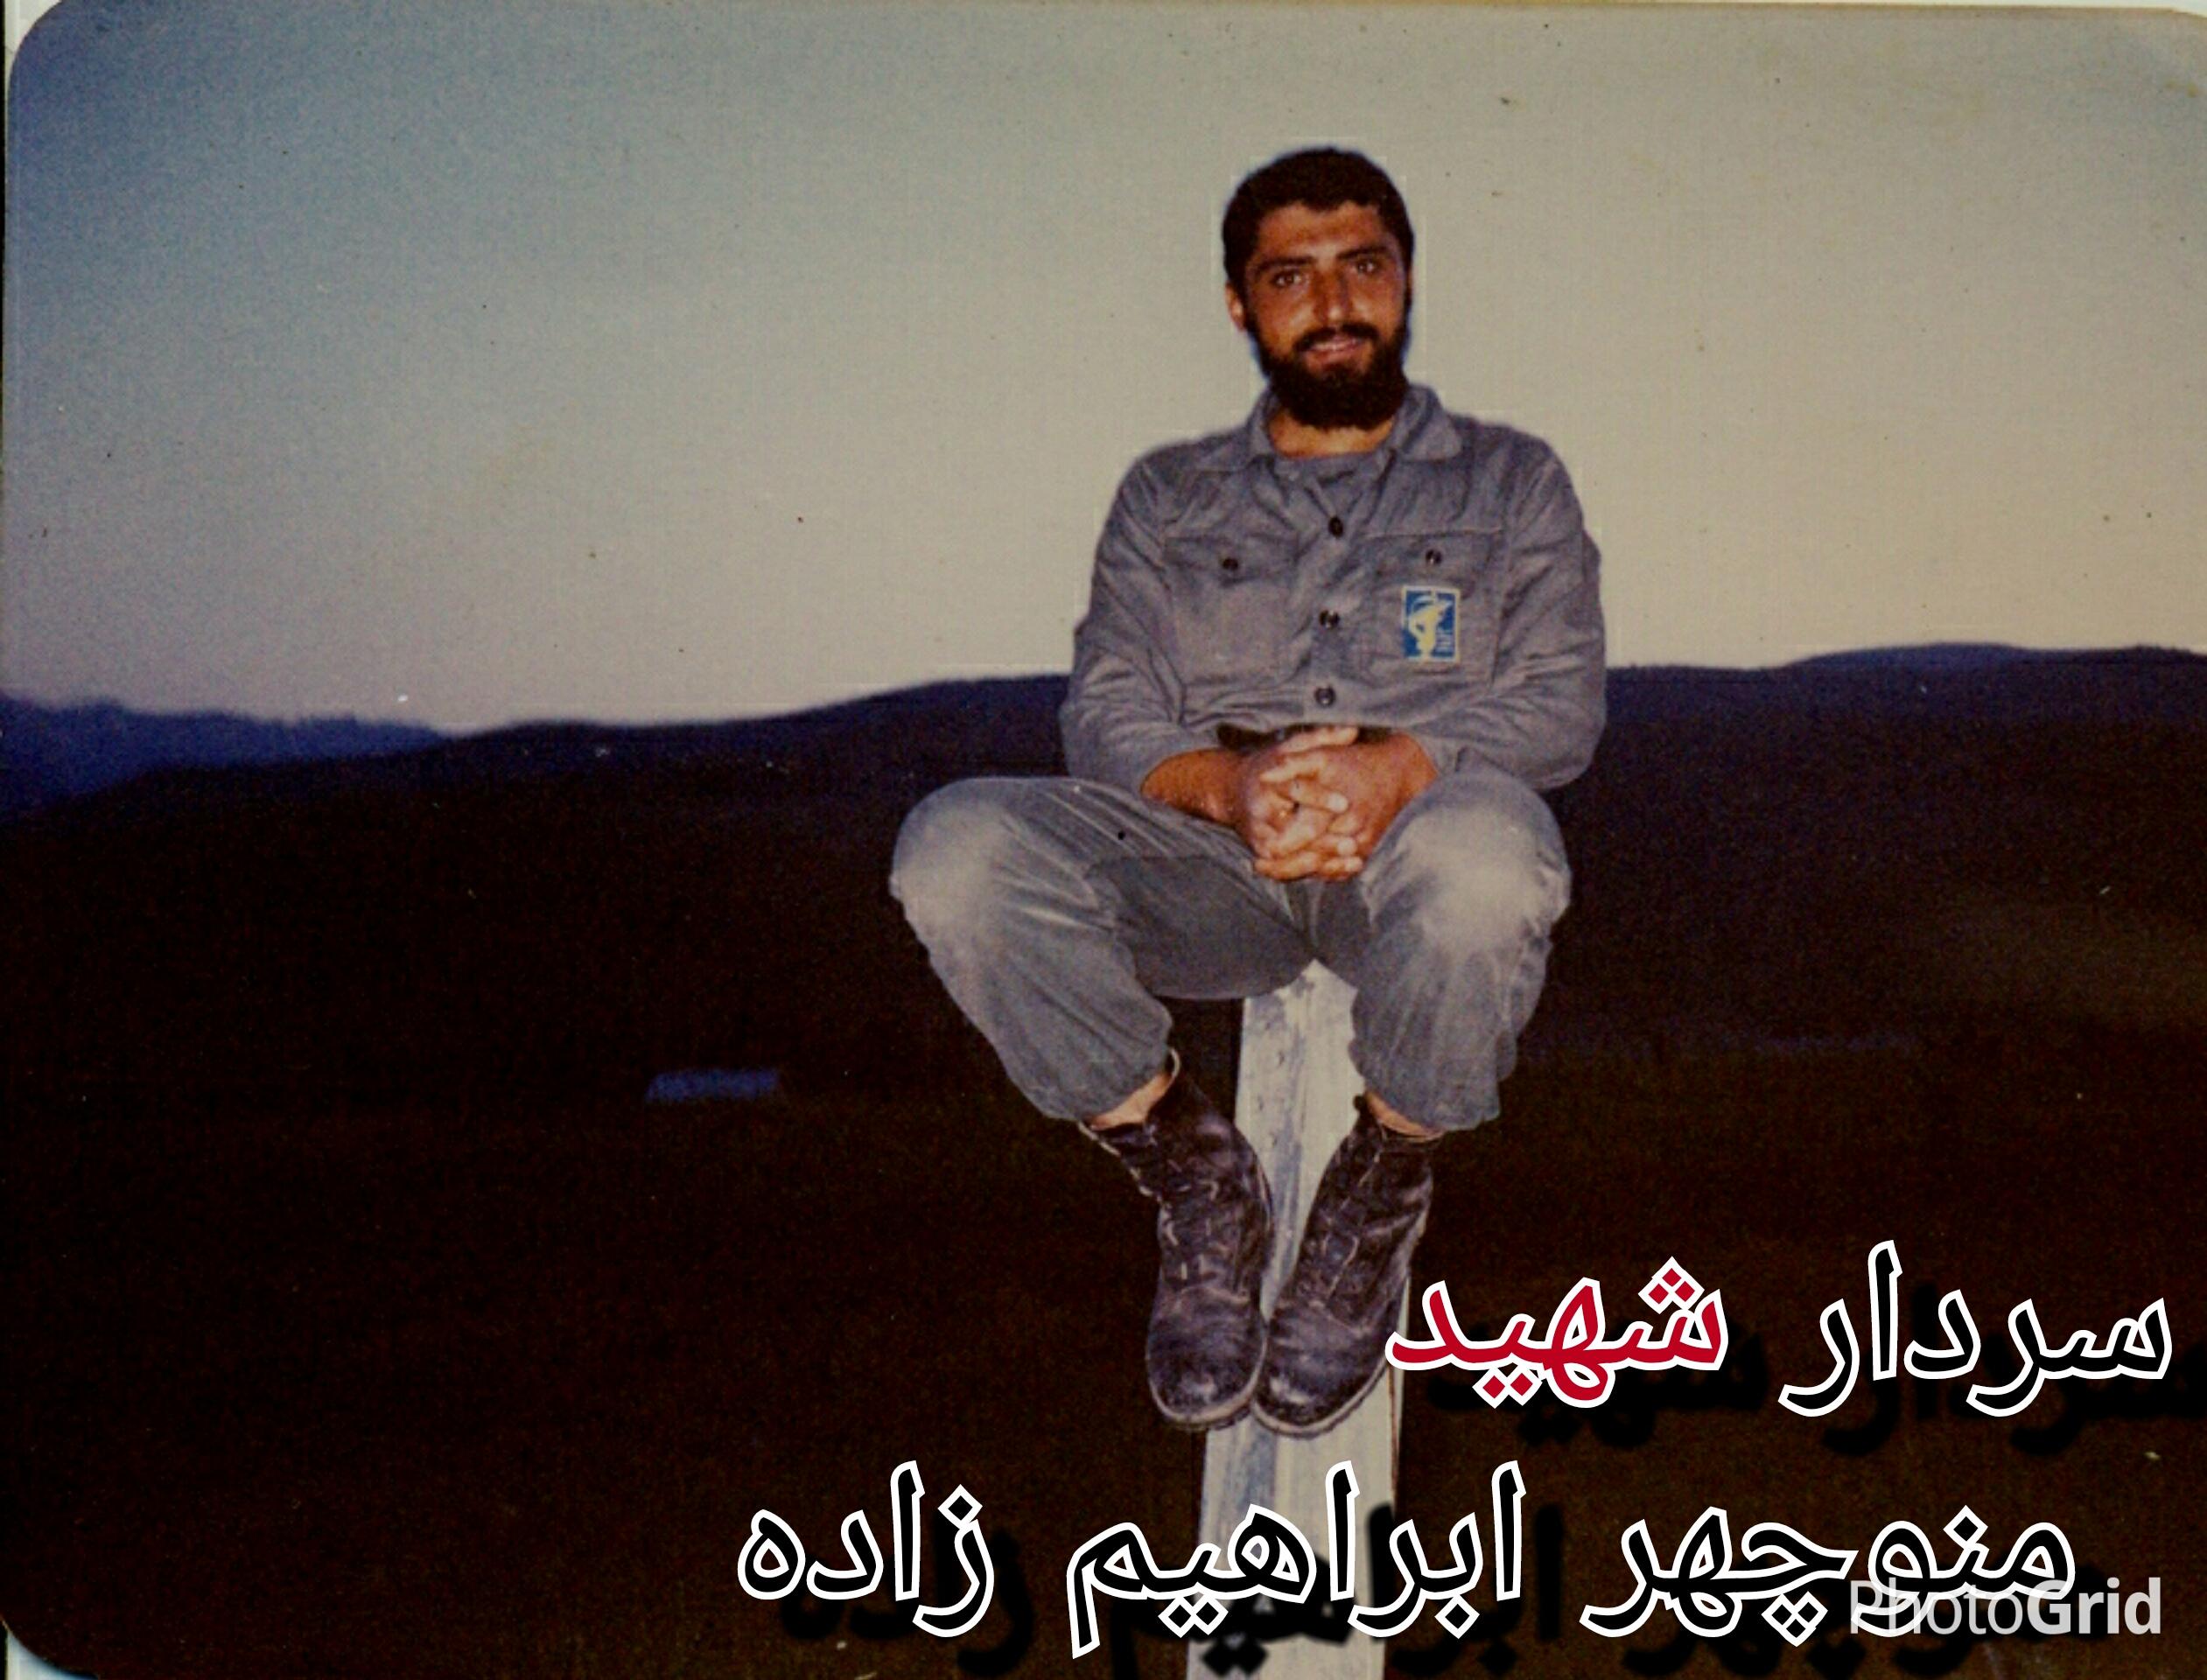 عکسی از سردار شهید منوچهر ابراهیم زاده